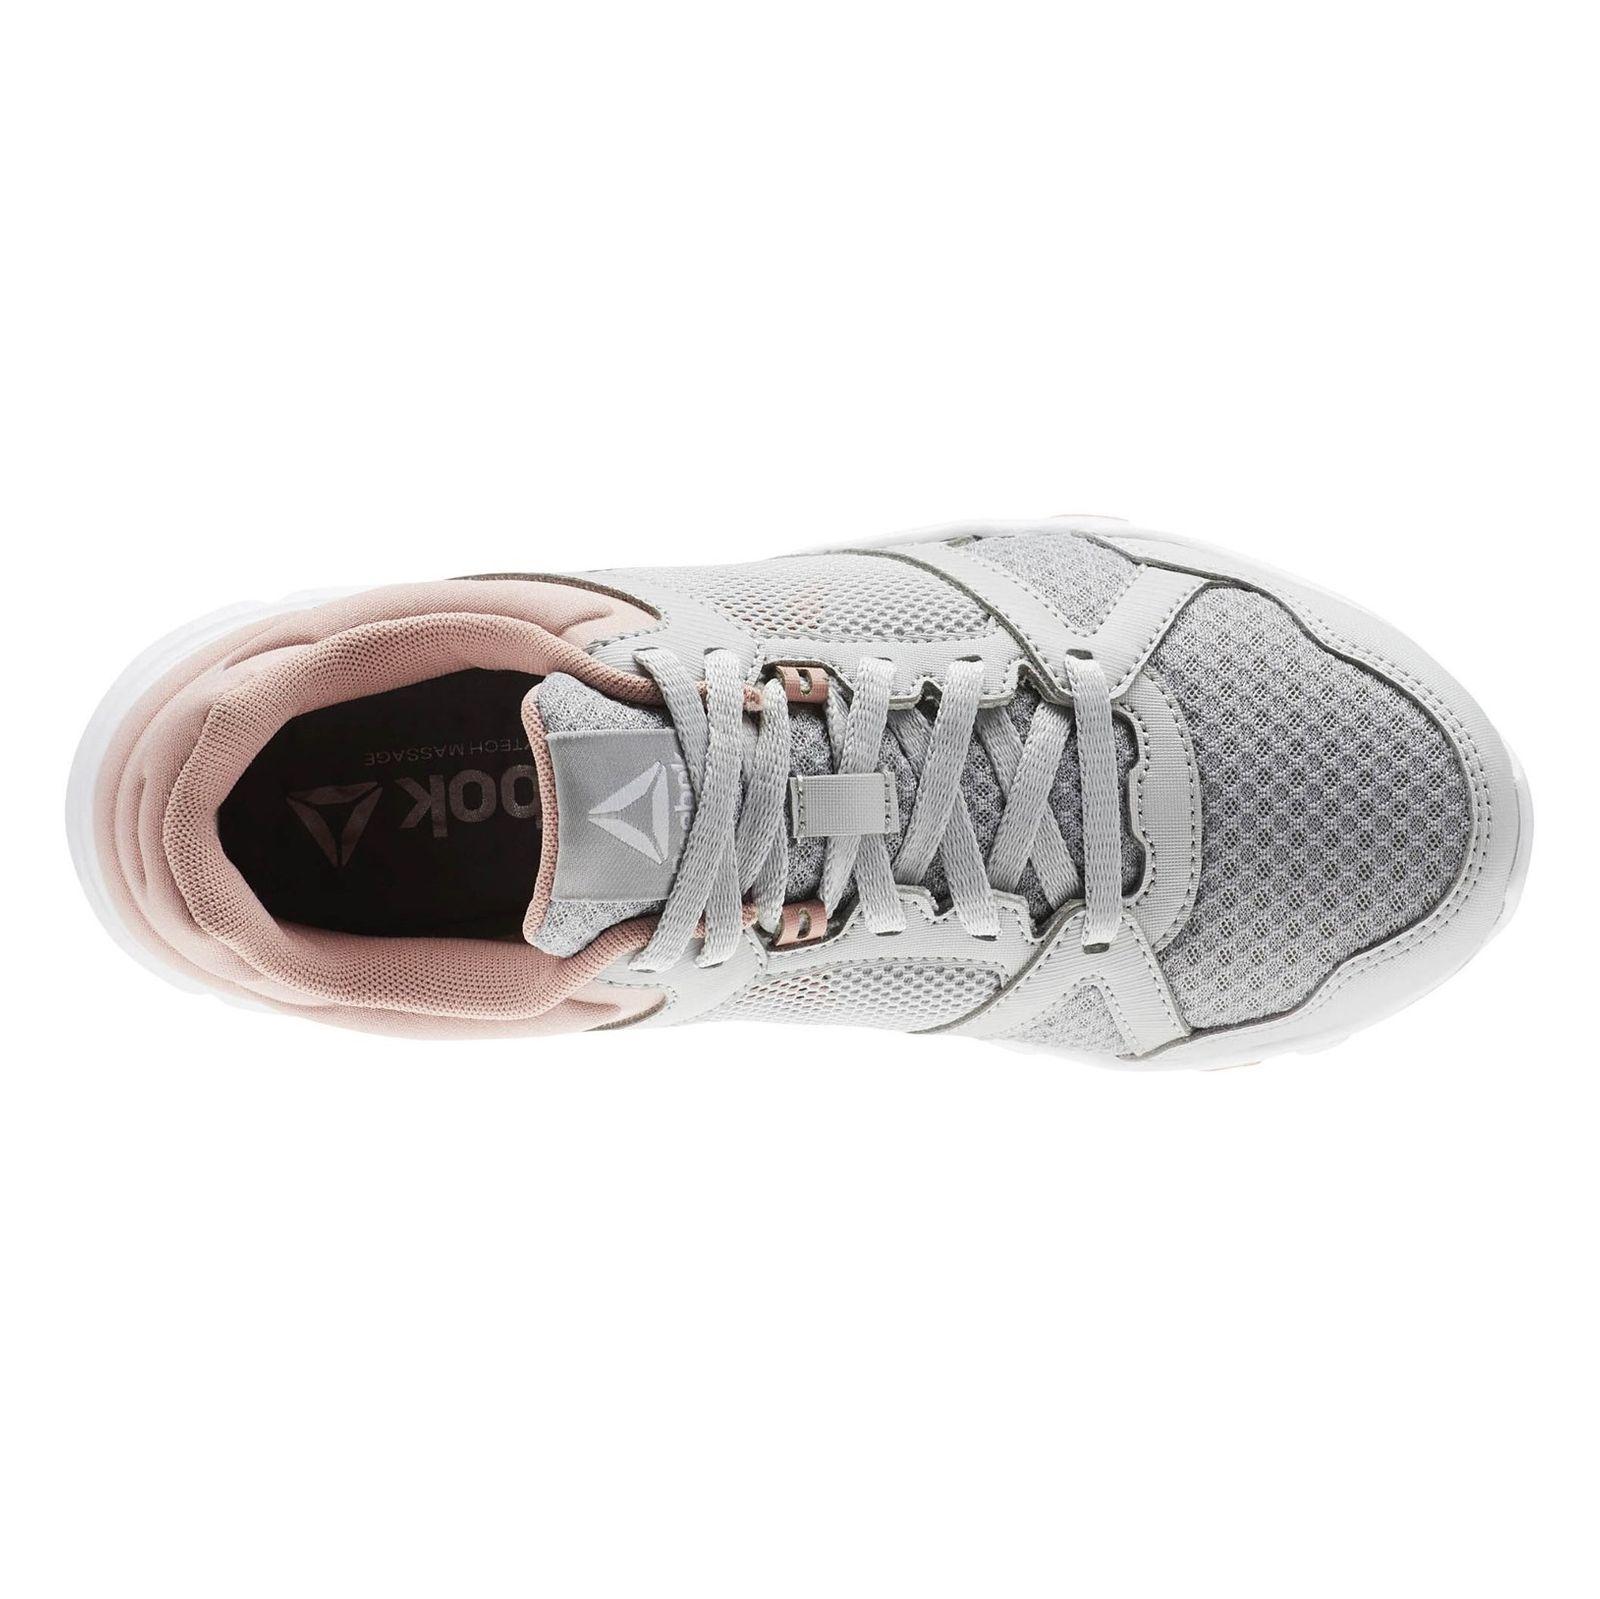 کفش تمرین زنانه ریباک مدل Yourflex Trainette 10 MT - طوسي و صورتي - 5